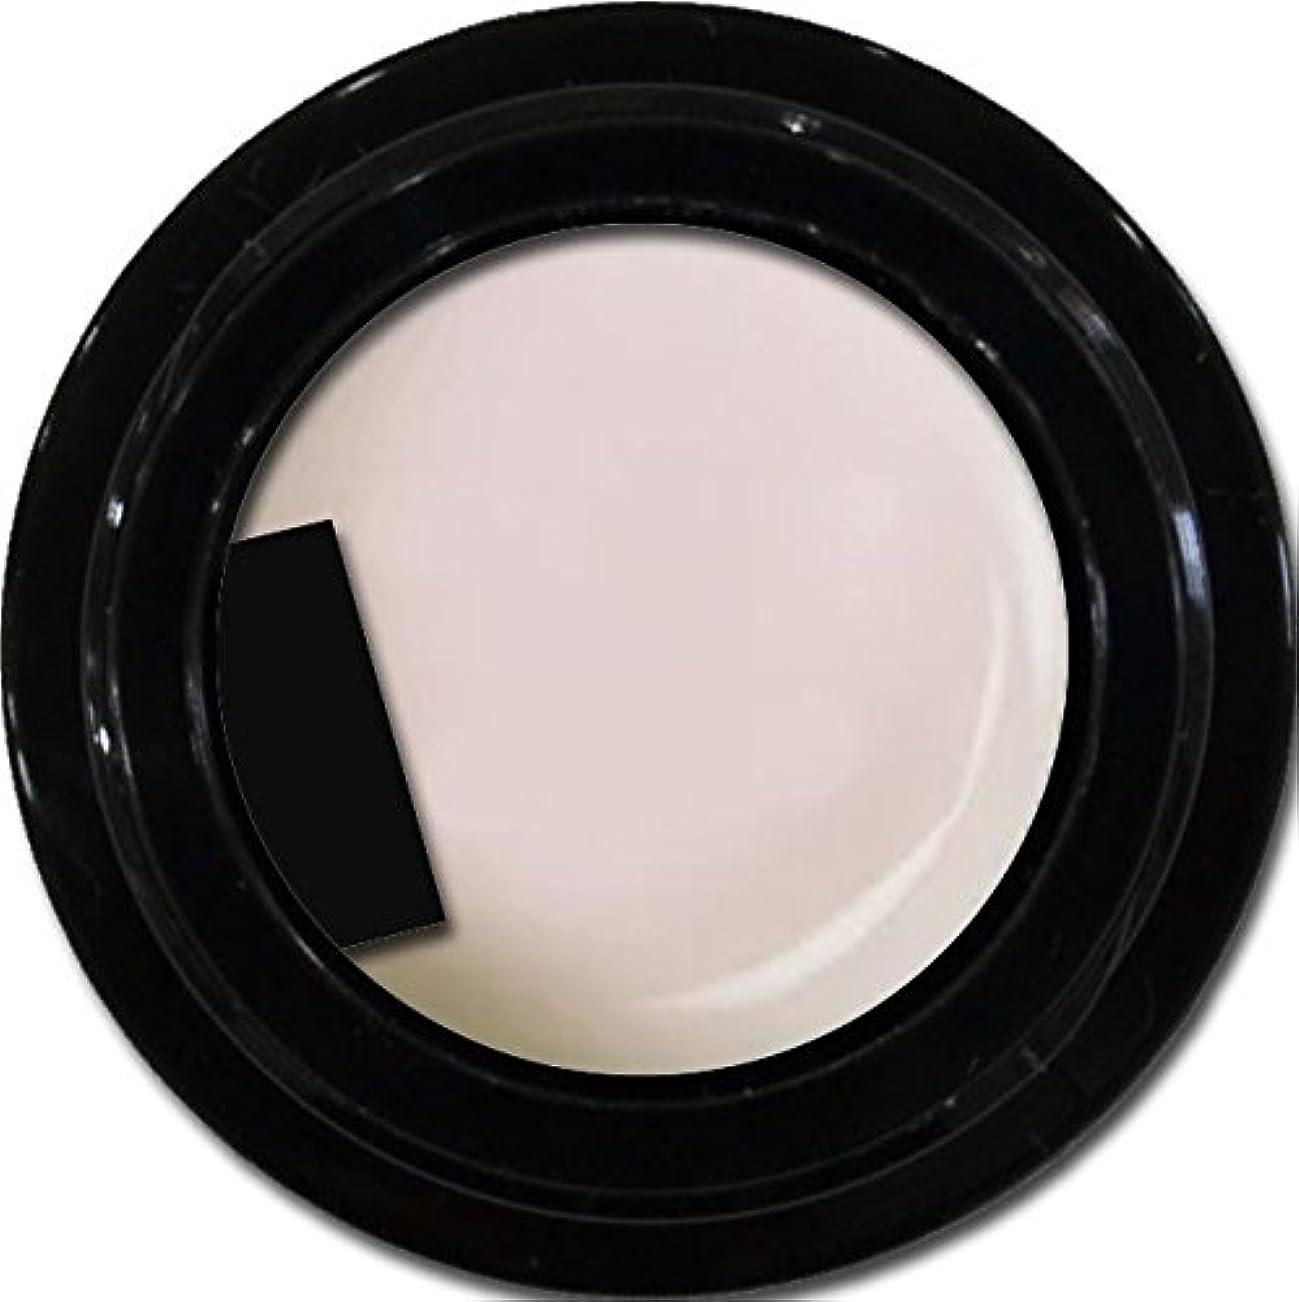 味付け可動式プログラムカラージェル enchant gel color gel S002 Sheer Snow 3g/ エンチャントジェル カラージェル S002シアースノウ 3グラム